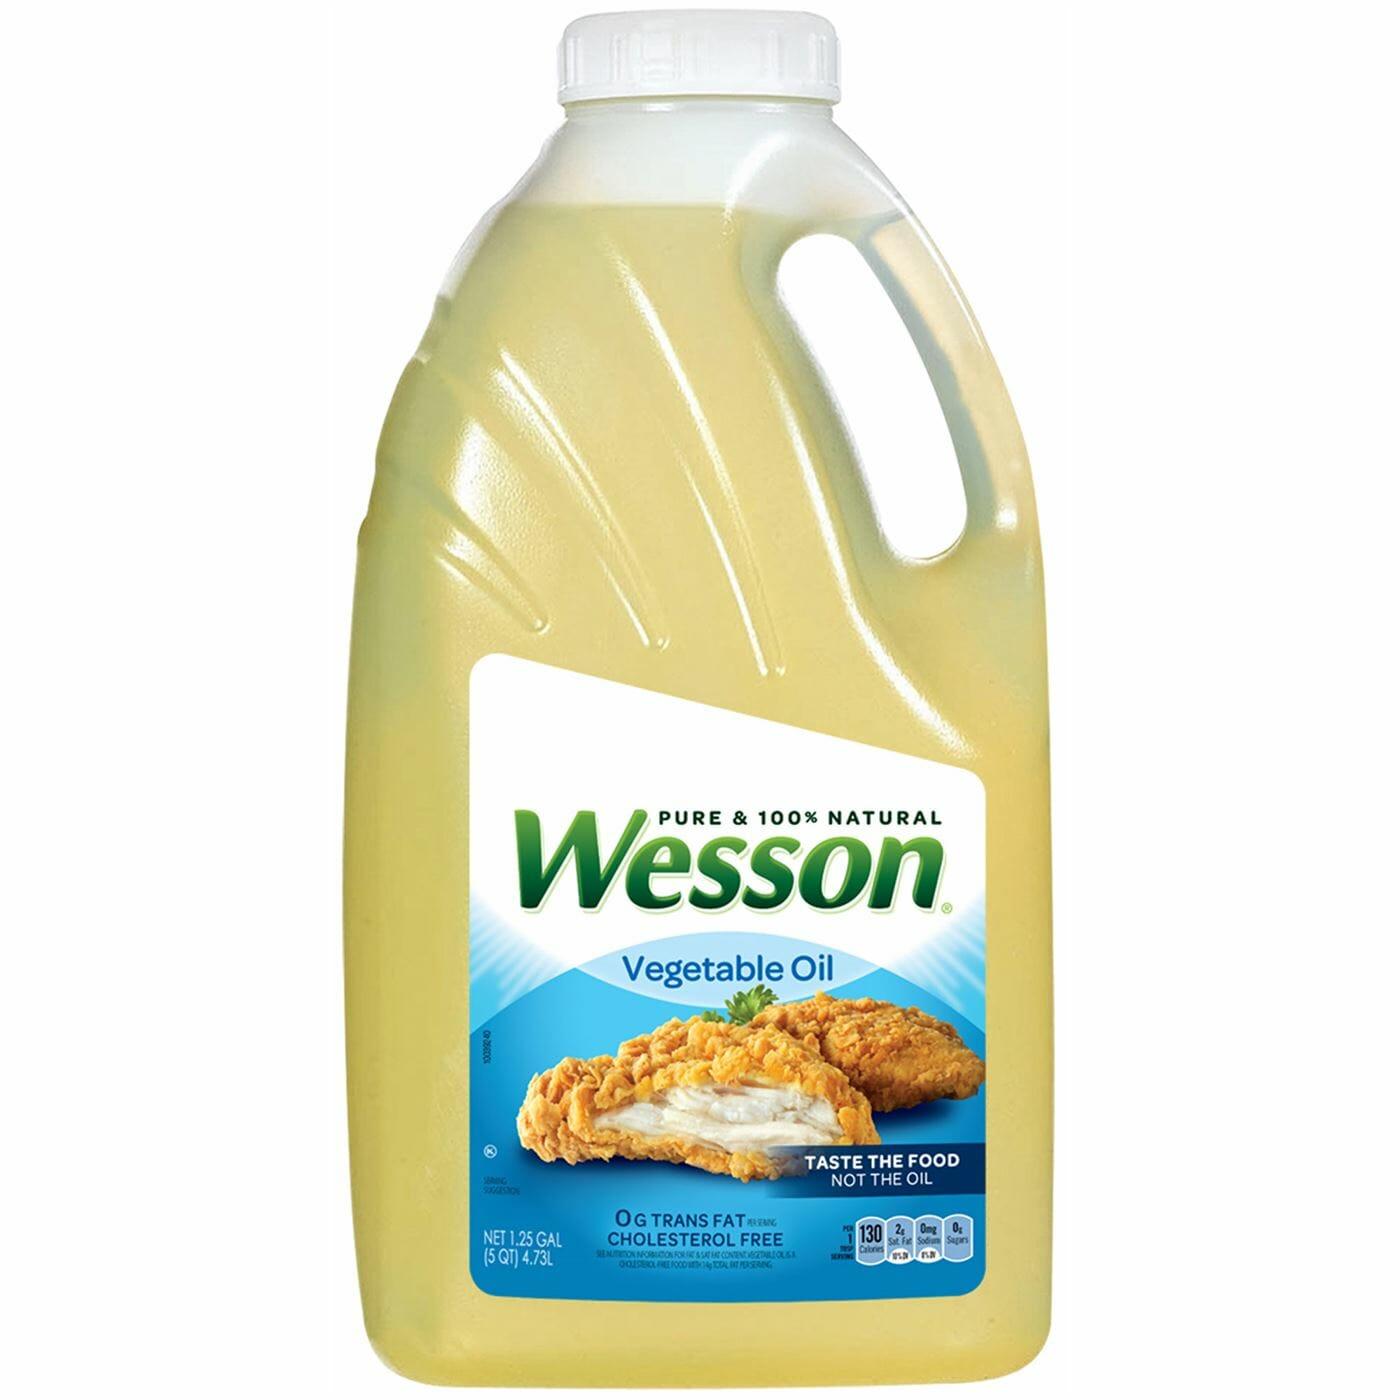 Wesson Veg Oil 5qt